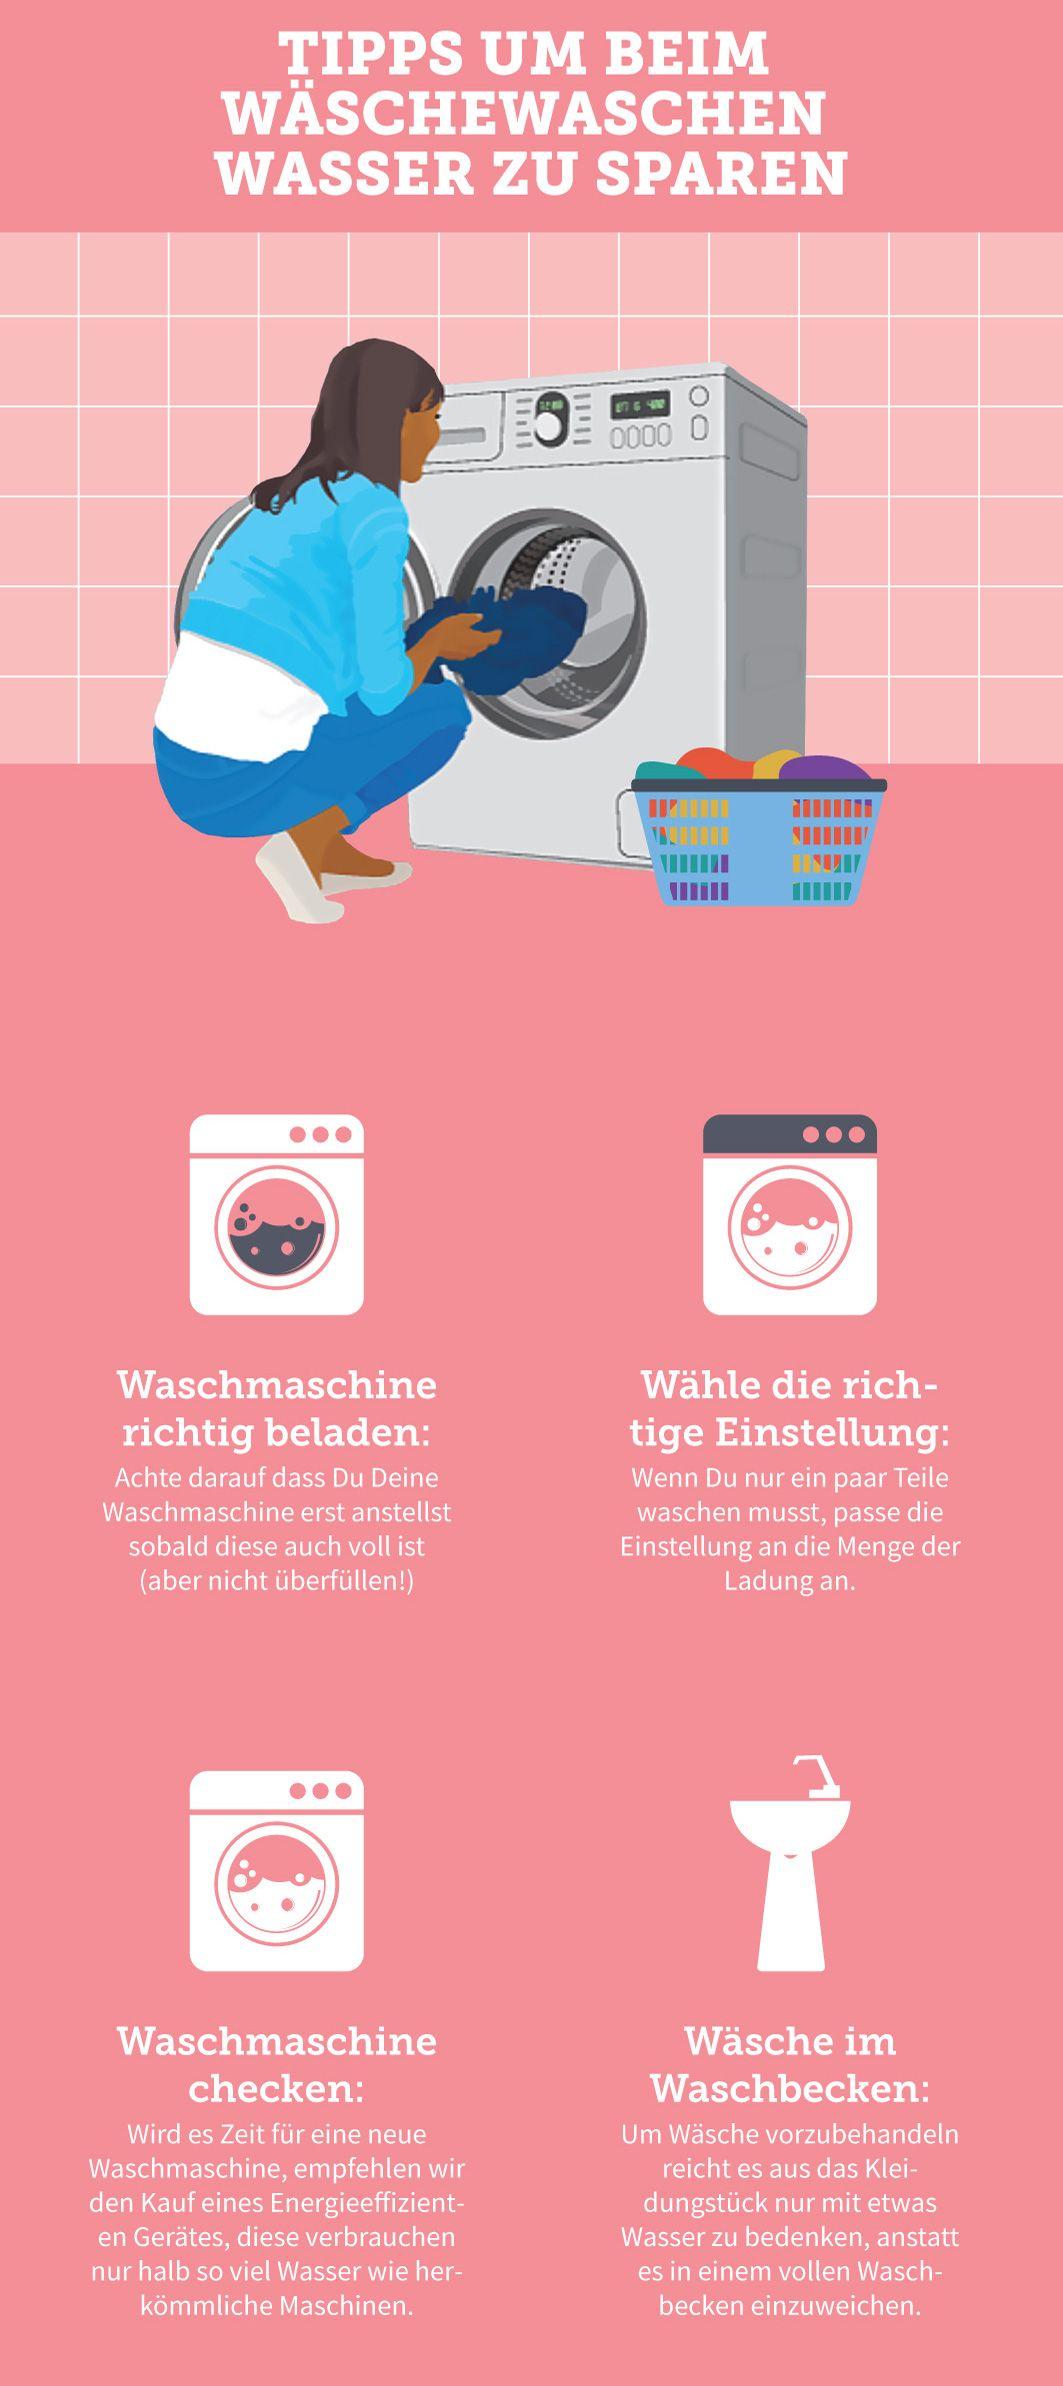 Mit Diesen Tipps Verschwendest Du Weniger Wasser Beim Waschen Schau Mal Auf Unserem Blog Vorbei Und Nutze Unsere Tri Tipps Haushalt Haushaltsreinigungstipps